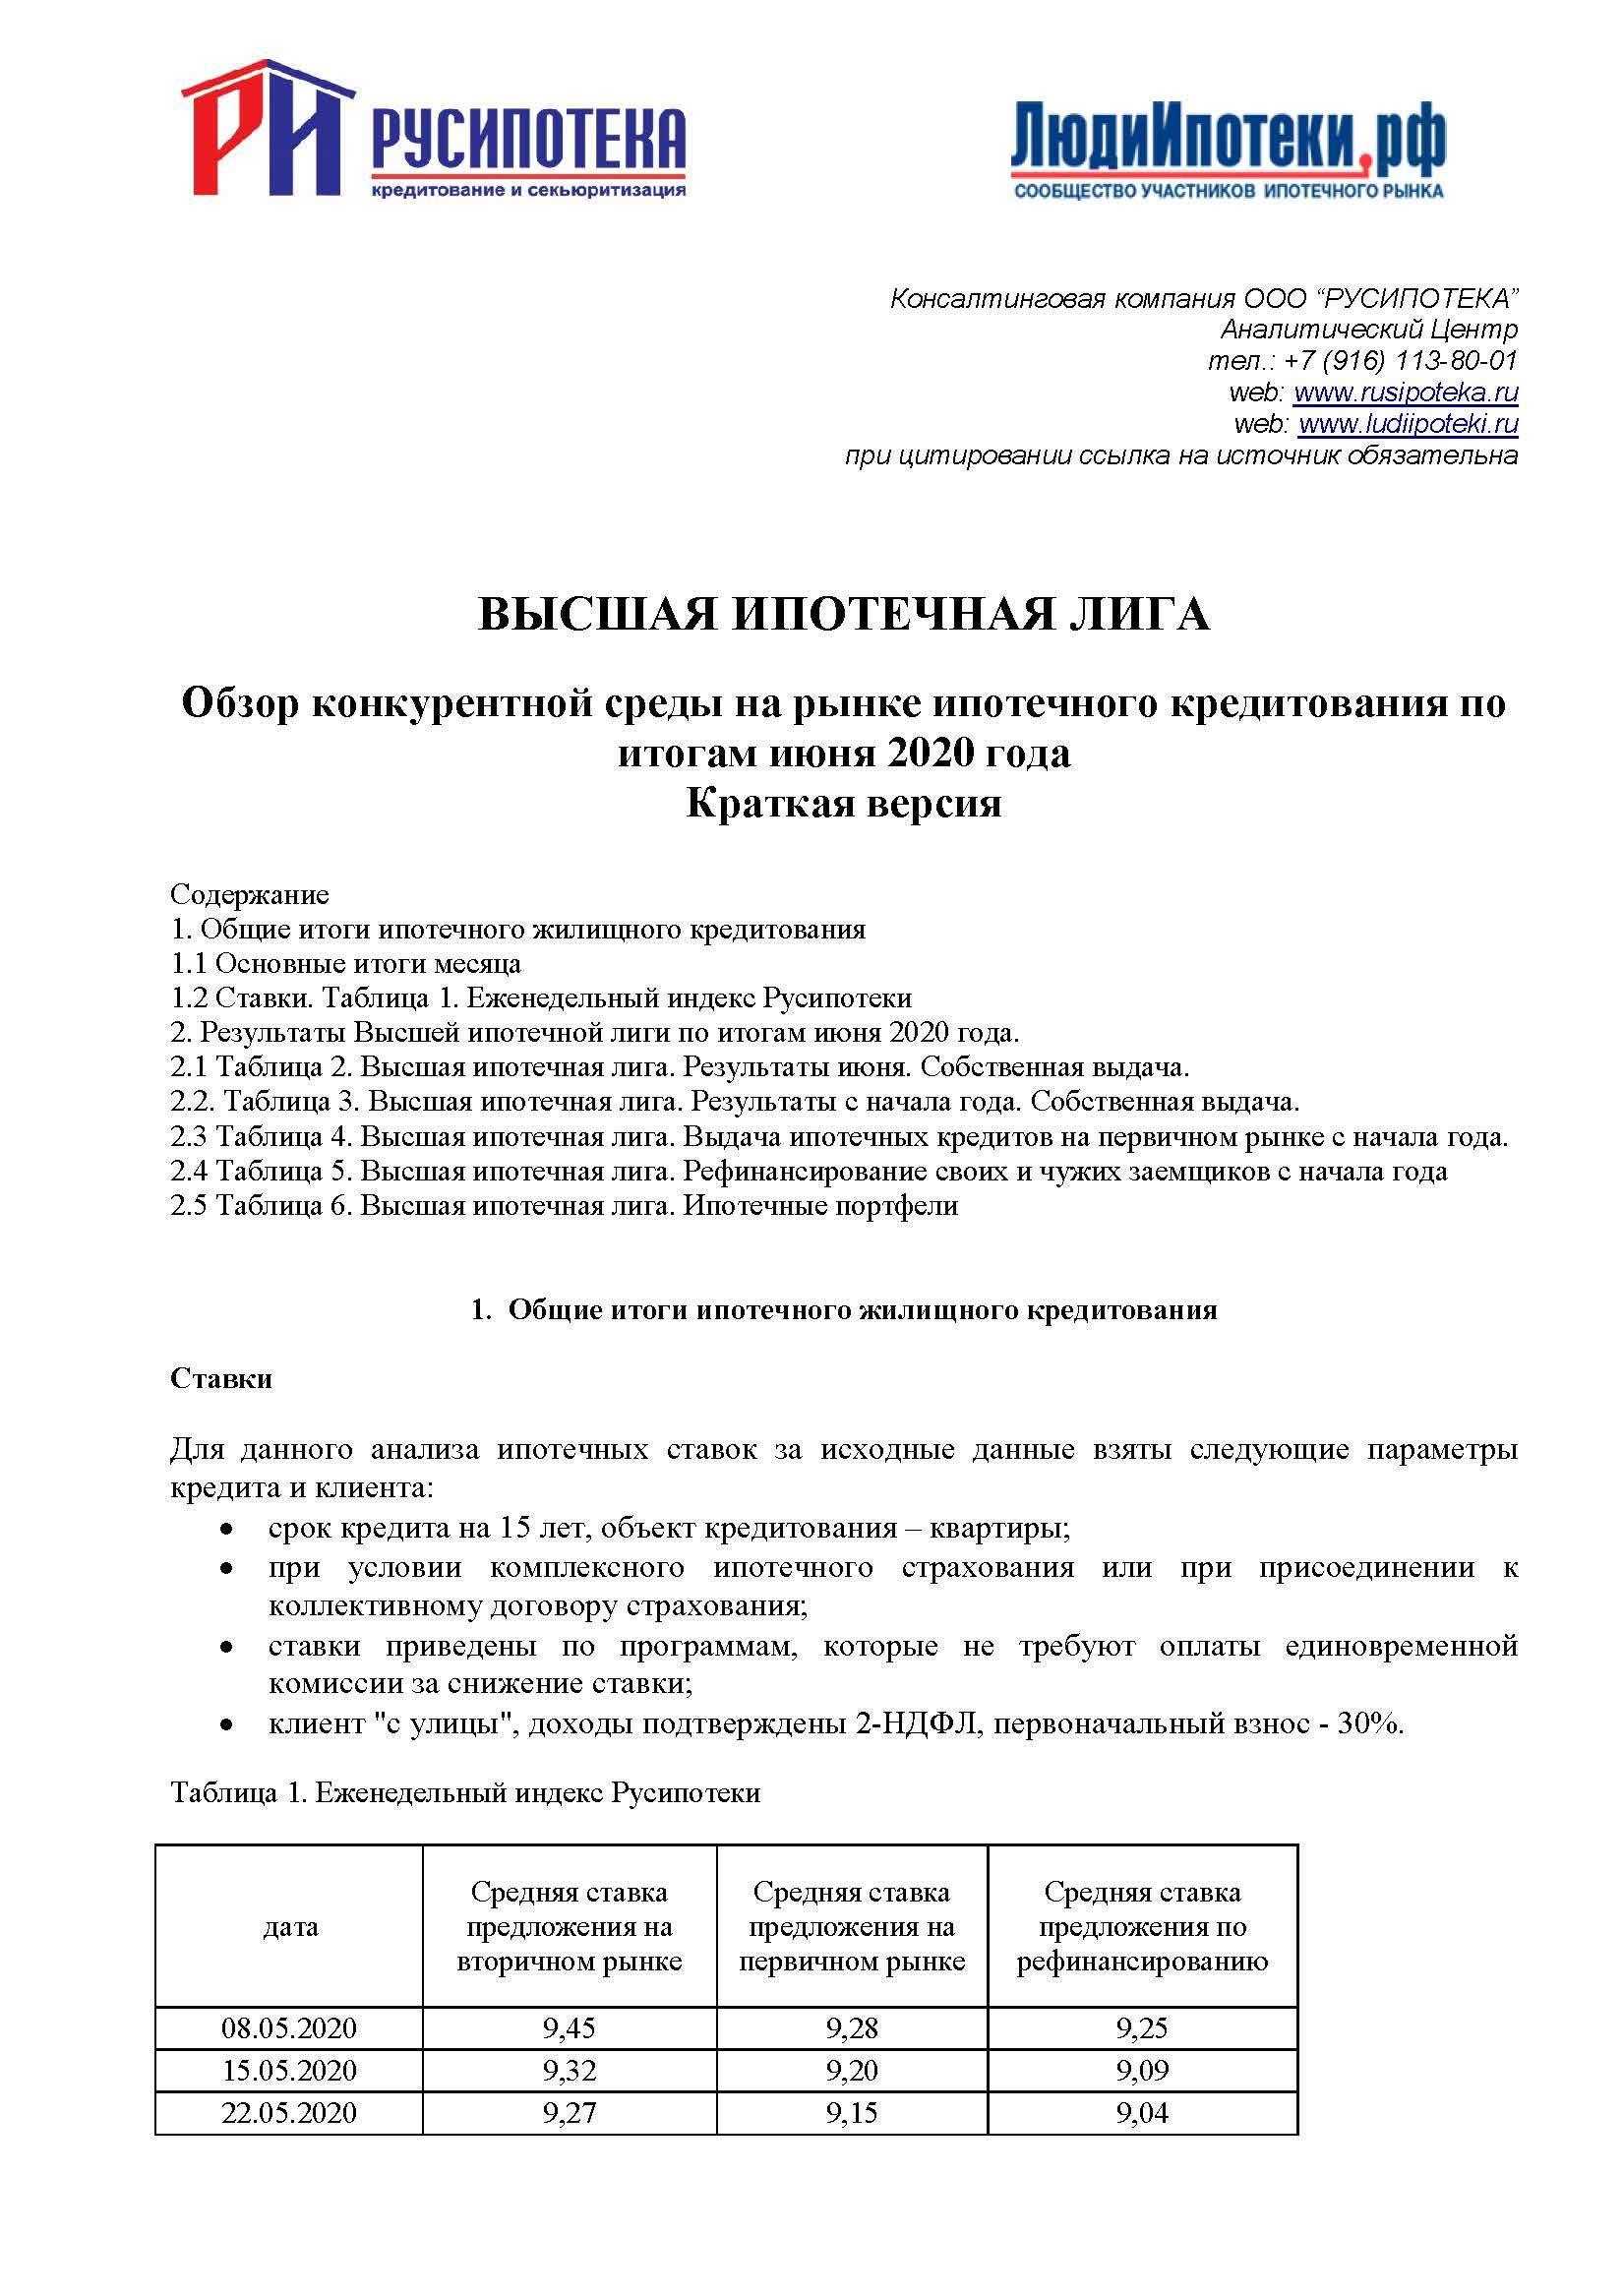 Обзор конкурентной среды на рынке ипотечного кредитования по итогам июня 2020 года (краткая версия)